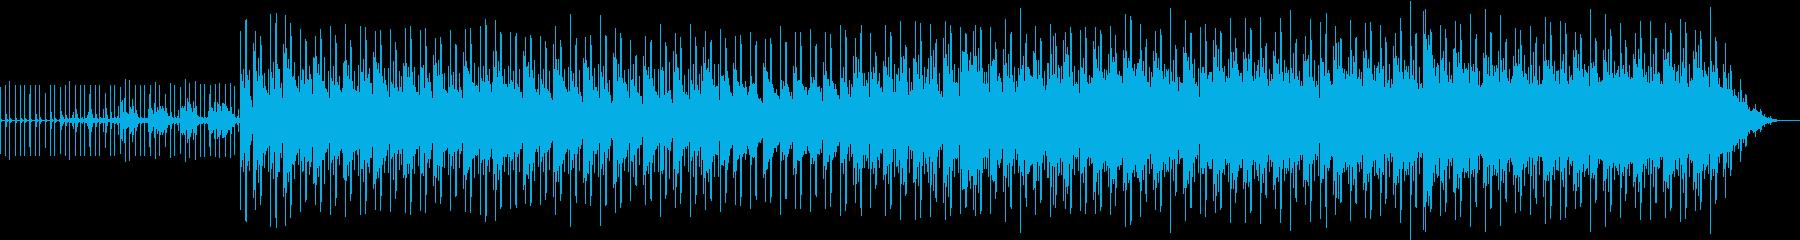 クールなネオソウルギターの再生済みの波形